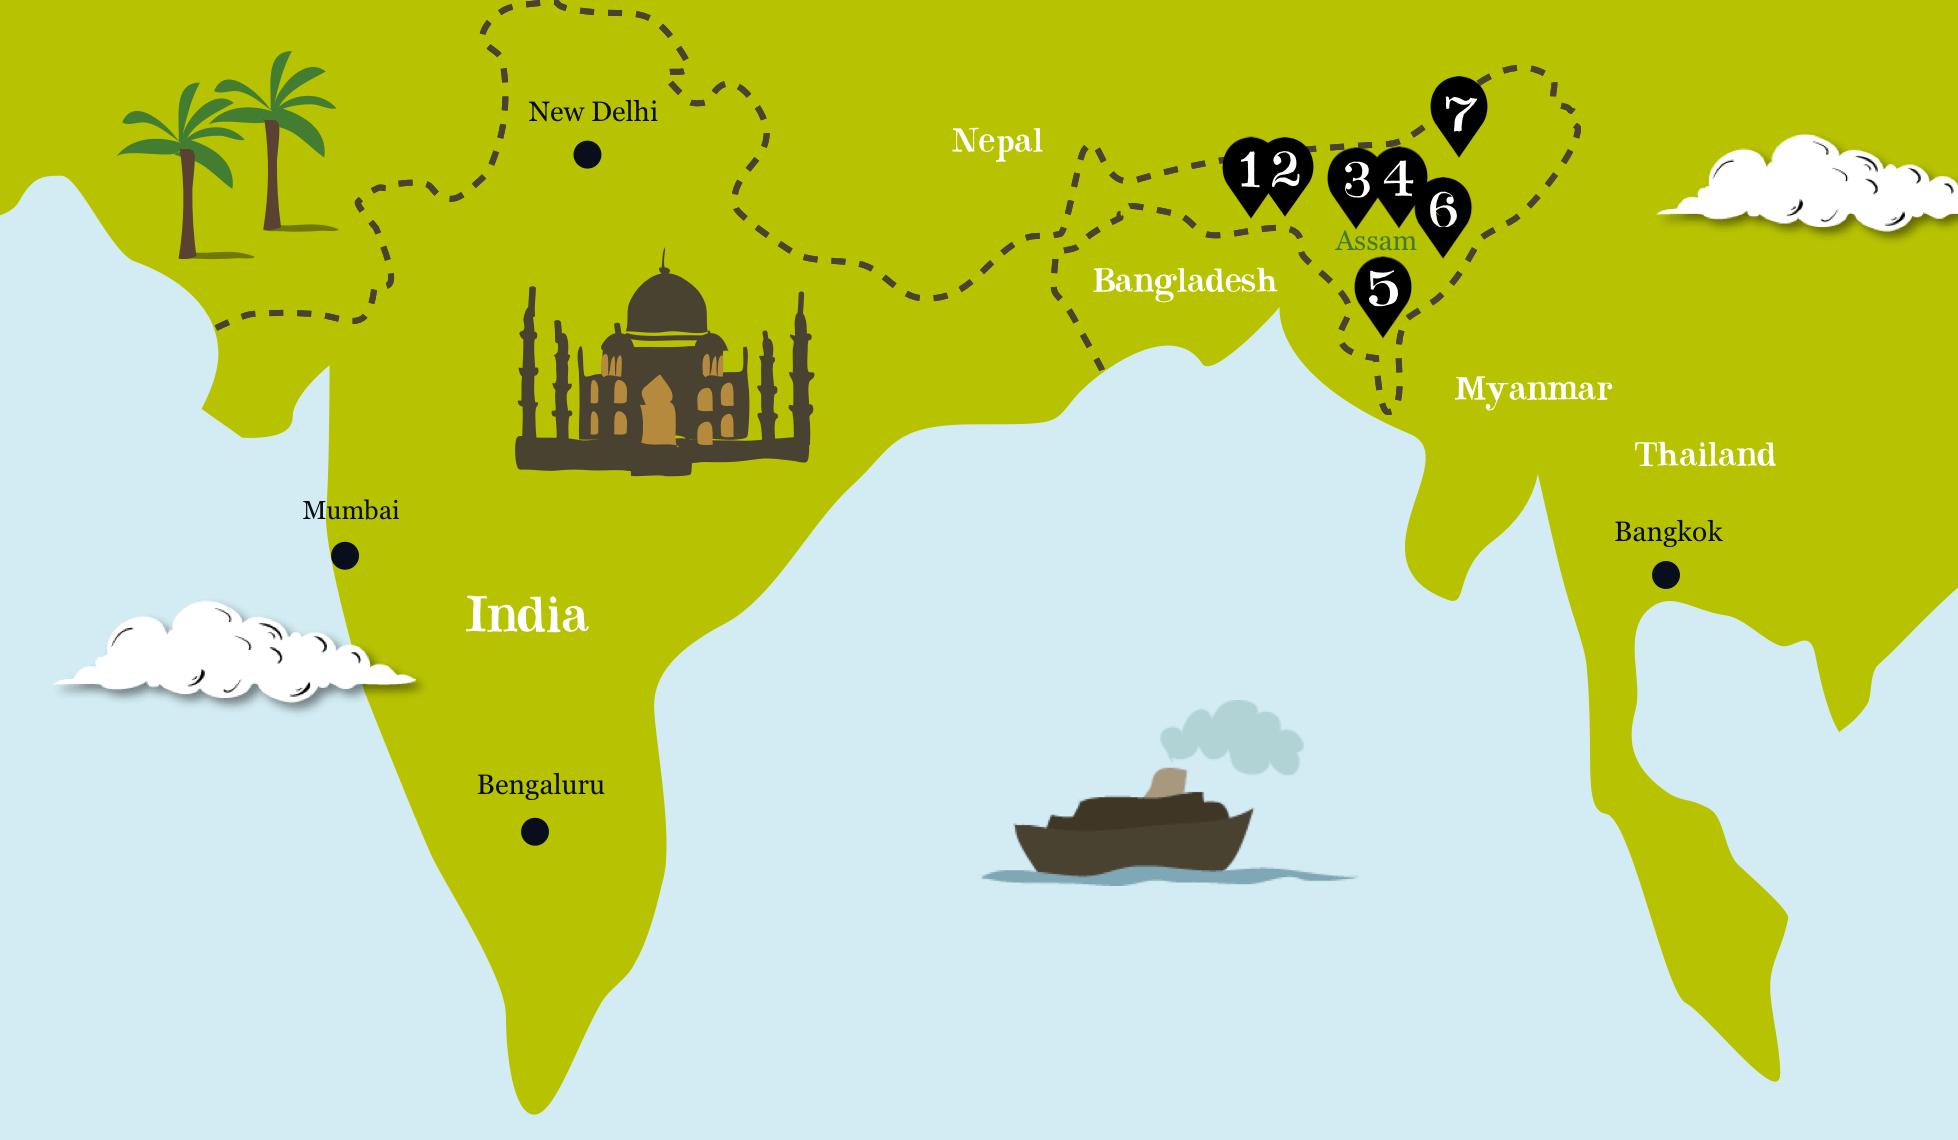 【イギリス】紅茶大手クリッパー・ティー、インドの茶葉サプライヤーリスト公表 2